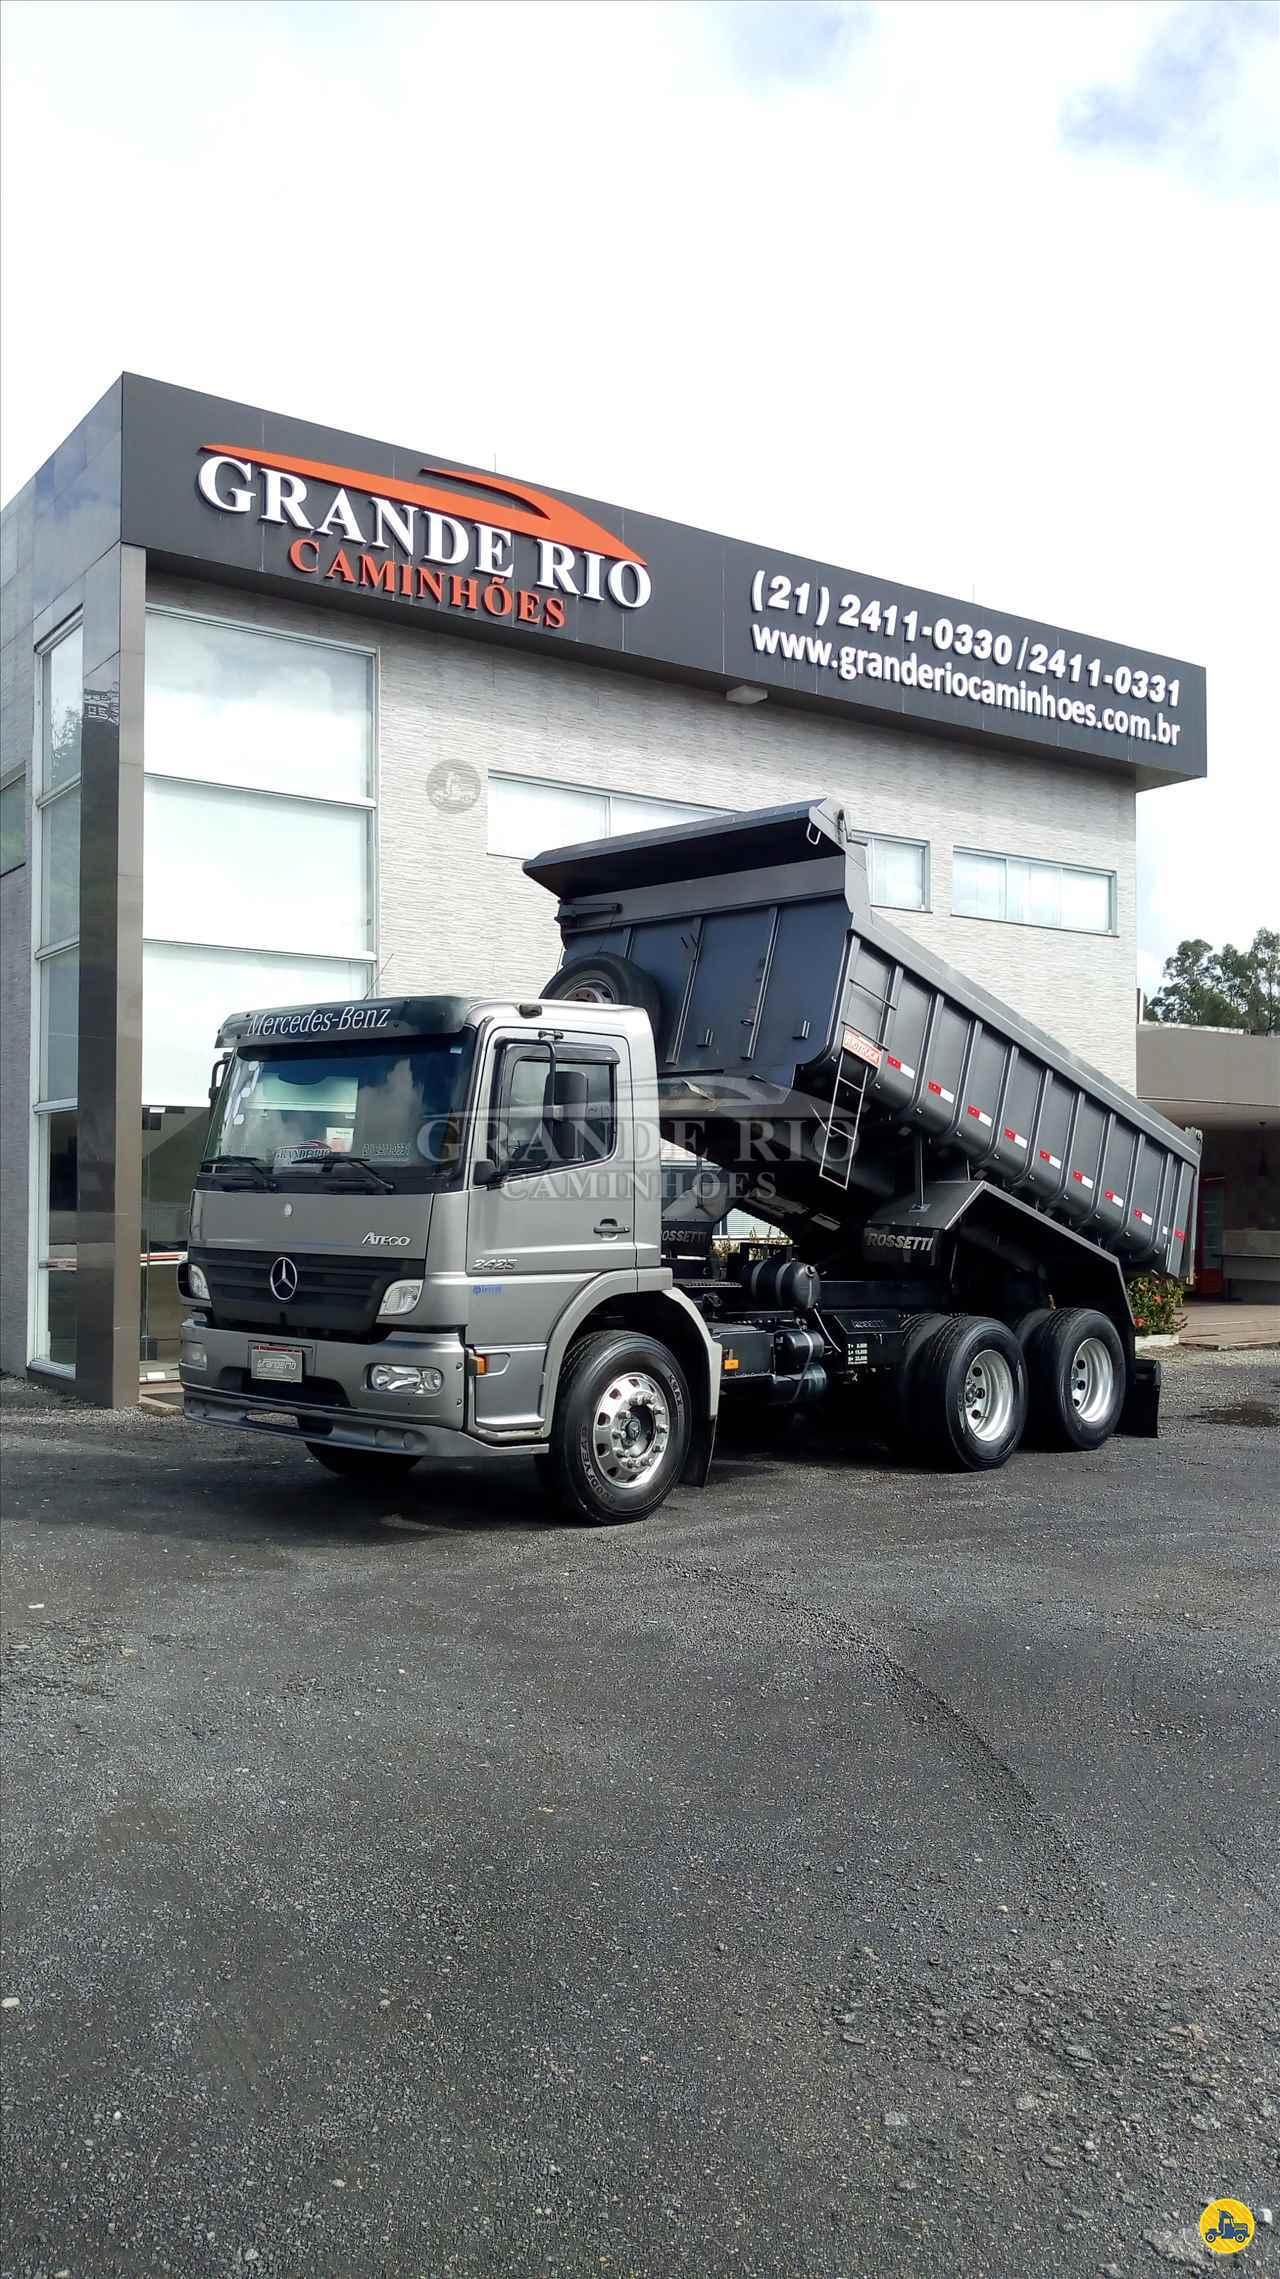 CAMINHAO MERCEDES-BENZ MB 2425 Caçamba Basculante Truck 6x2 Grande Rio Caminhões RIO DE JANEIRO RIO DE JANEIRO RJ